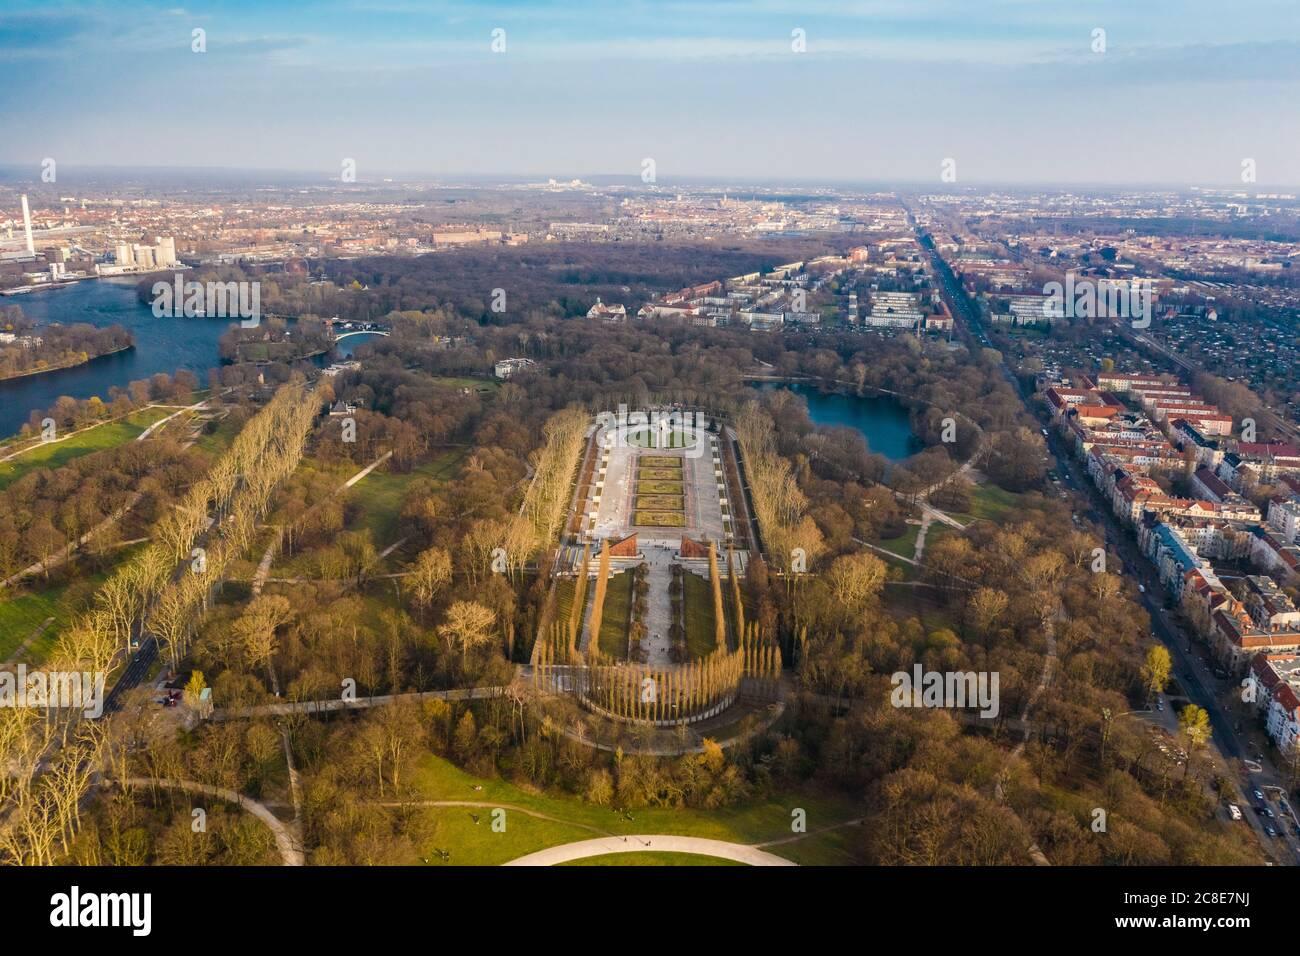 Alemania, Berlín, Vista aérea del Treptower Park Soviet War Memorial en otoño Foto de stock